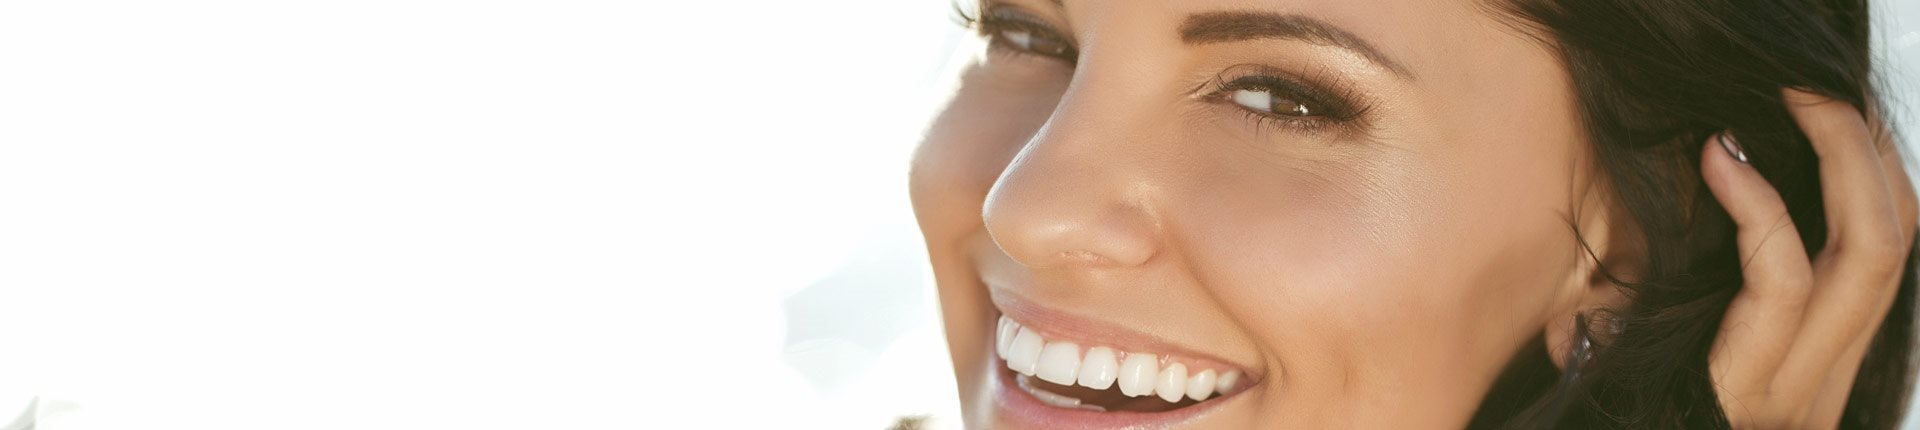 Sposoby pielęgnacji skóry, które możesz zastosować bez używania kosmetyków